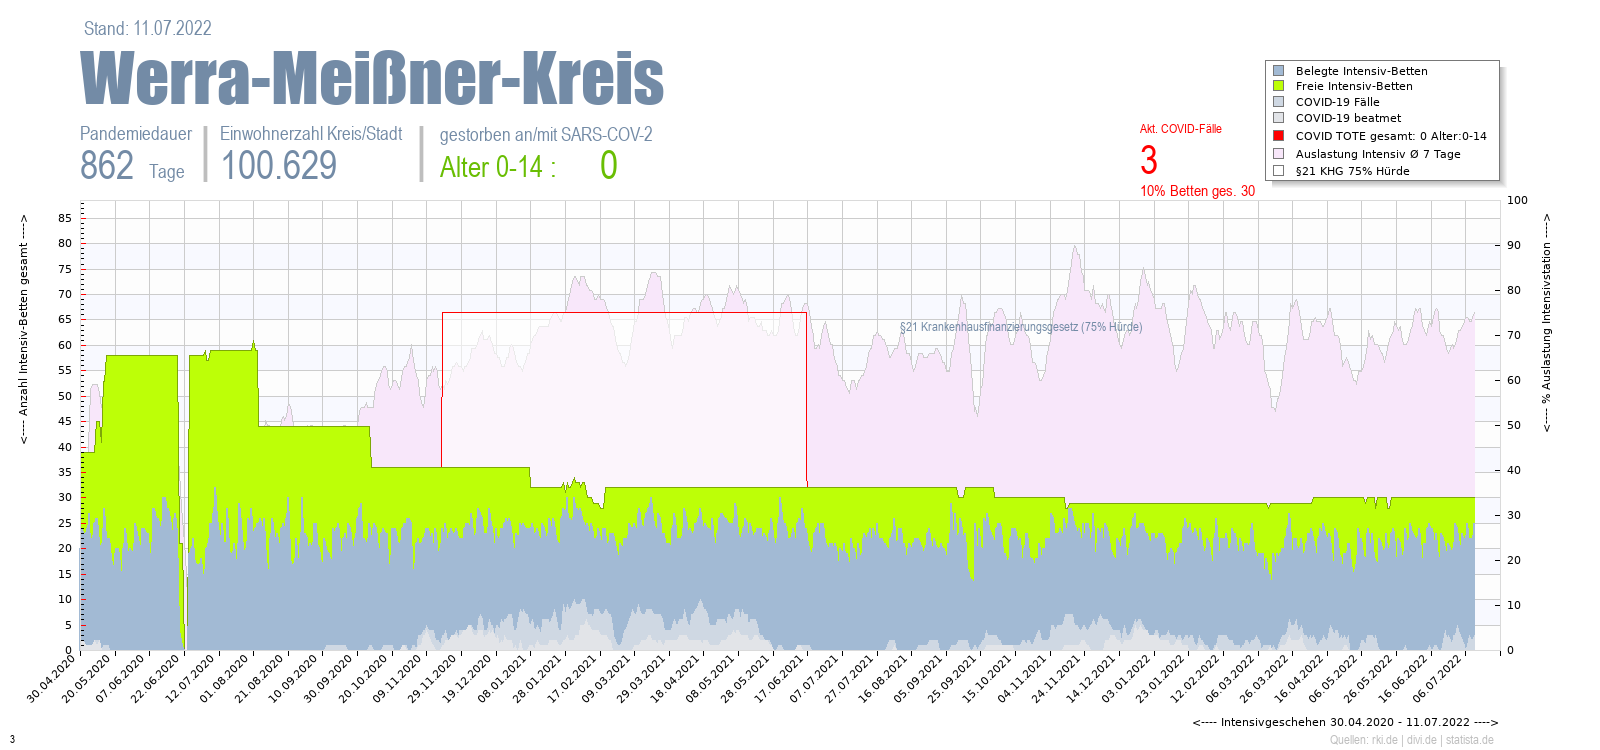 Intensivstation Auslastung Werra-Meißner-Kreis Alter 0-4